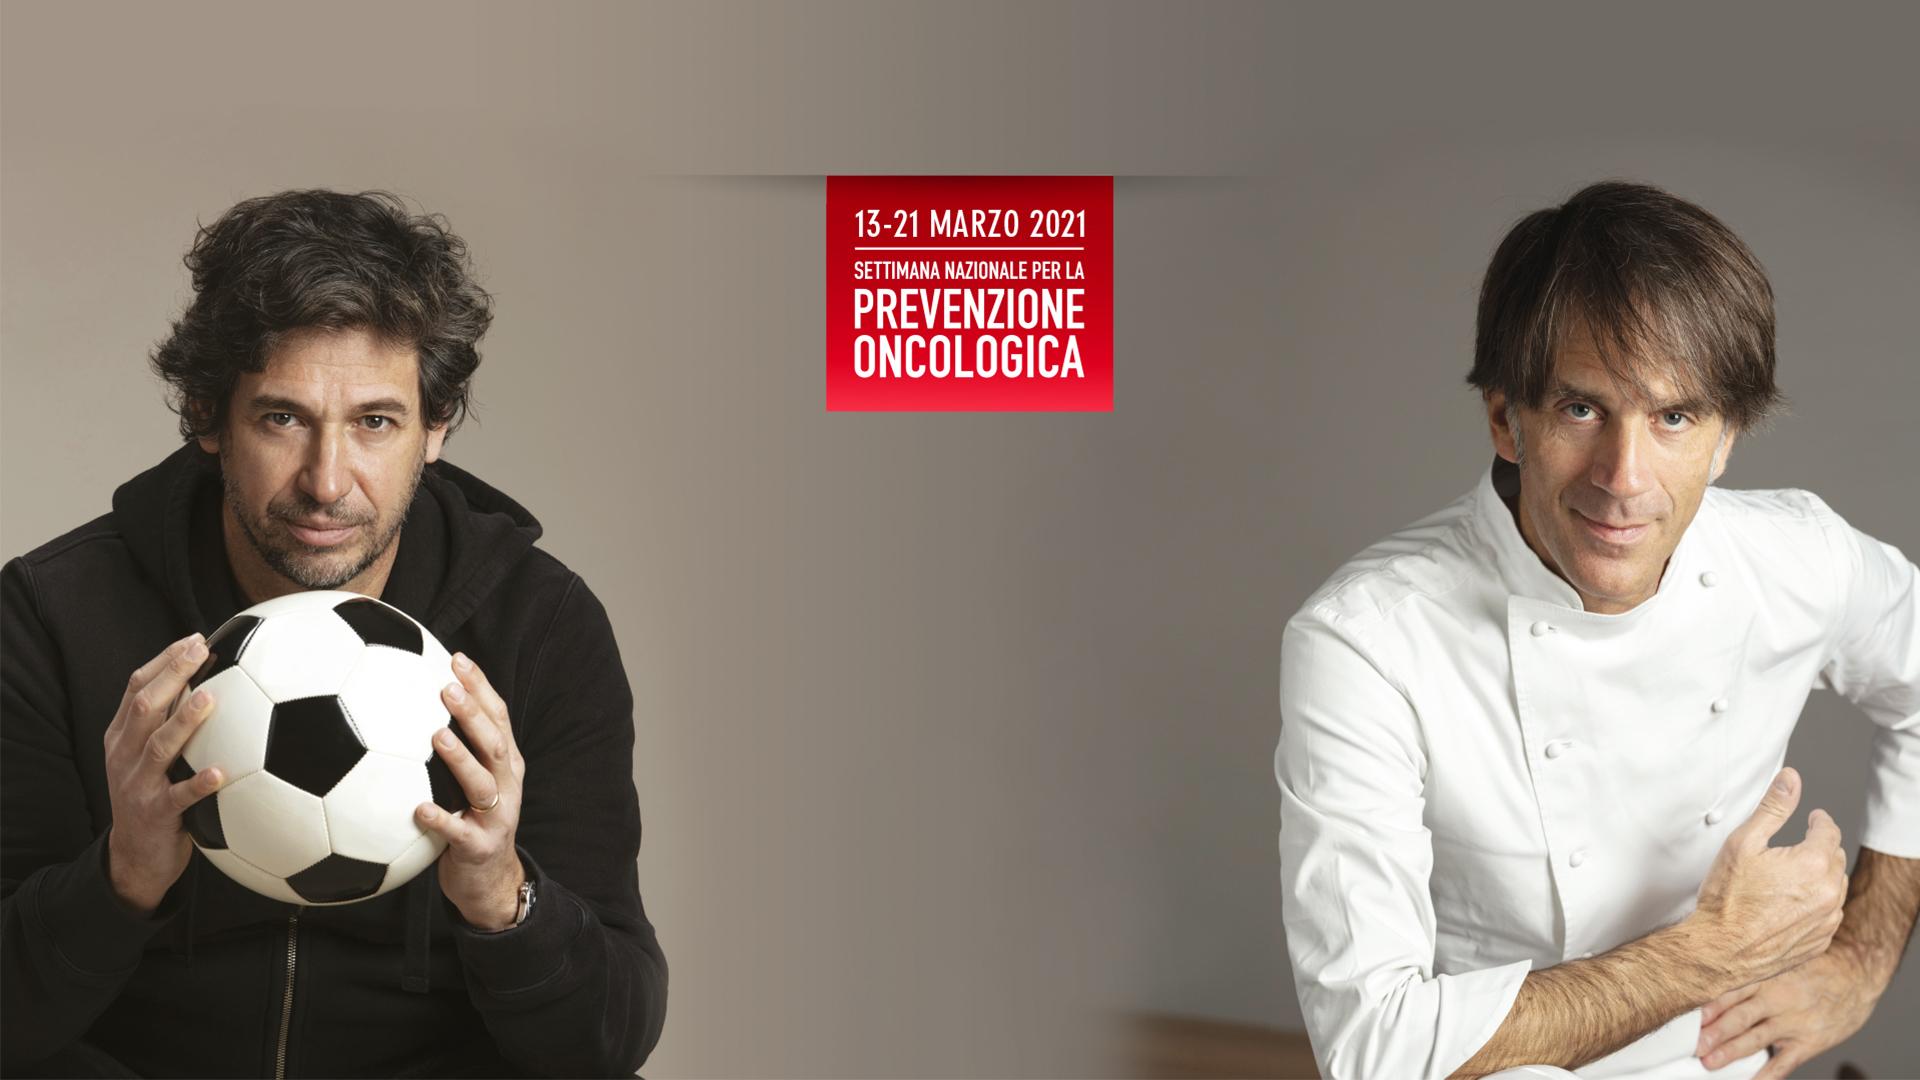 13-21 MARZO 2021 - Settimana nazionale per la prevenzione oncologica